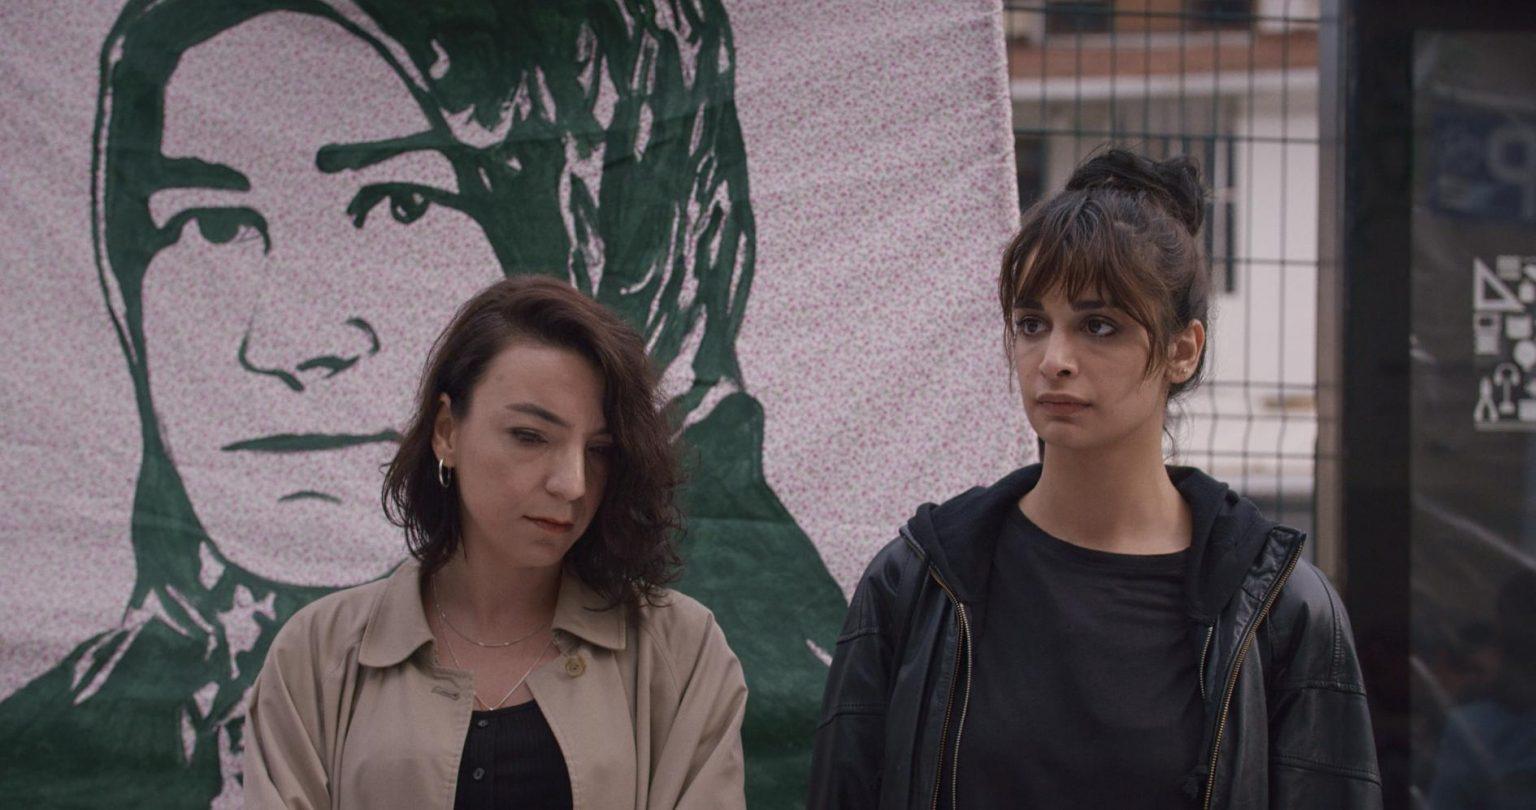 Η σκηνοθέτης ξεδιπλώνει τις αντιφάσεις και τη σύγκρουση ανάμεσα σε ένα πατριαρχικό καθεστώς και την ελπίδα για ένα καλύτερο αύριο